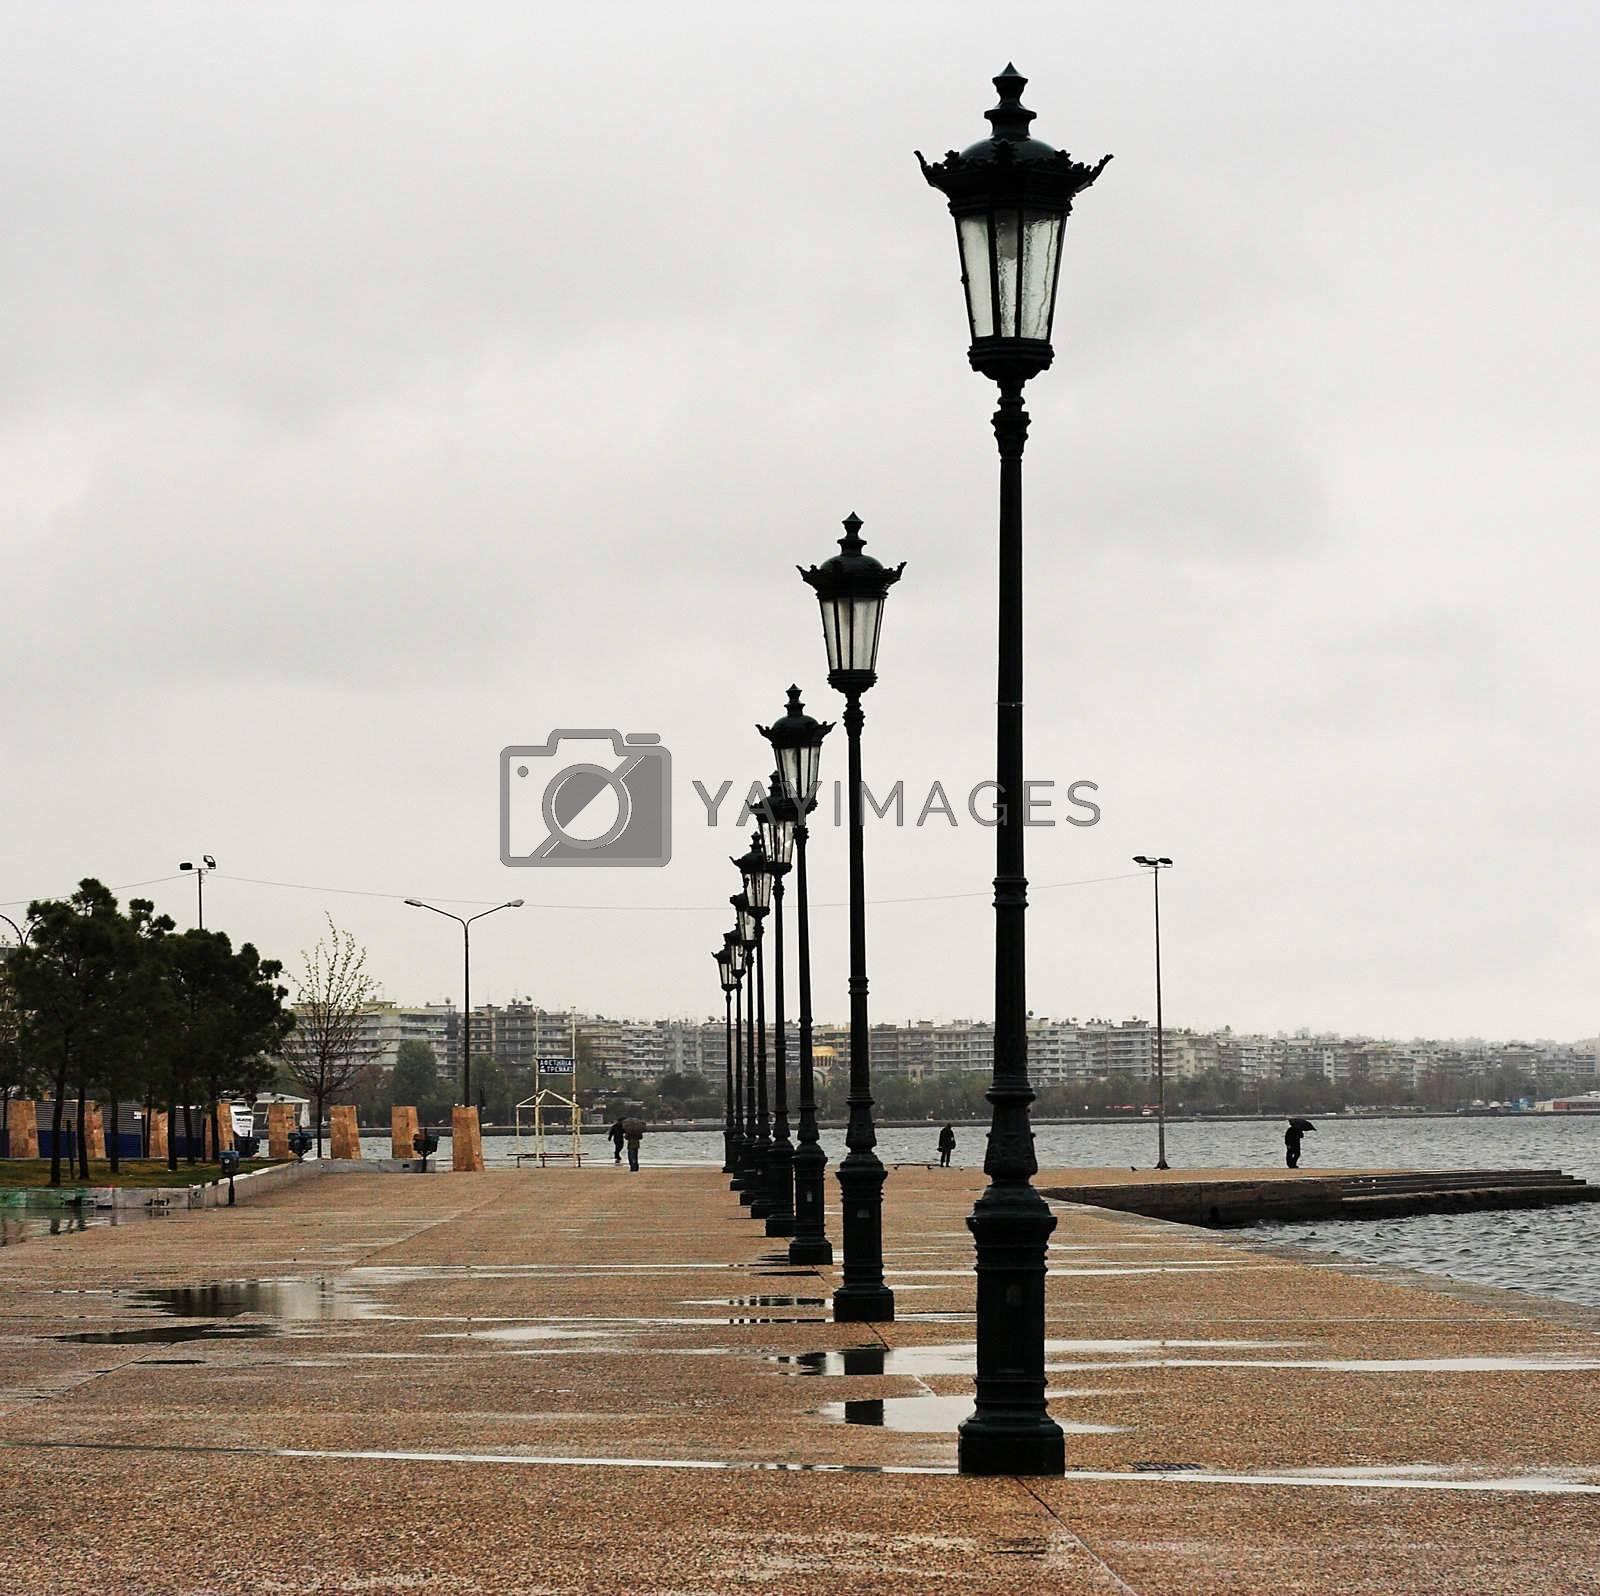 Promenade in Thessaloniki by alexkosev